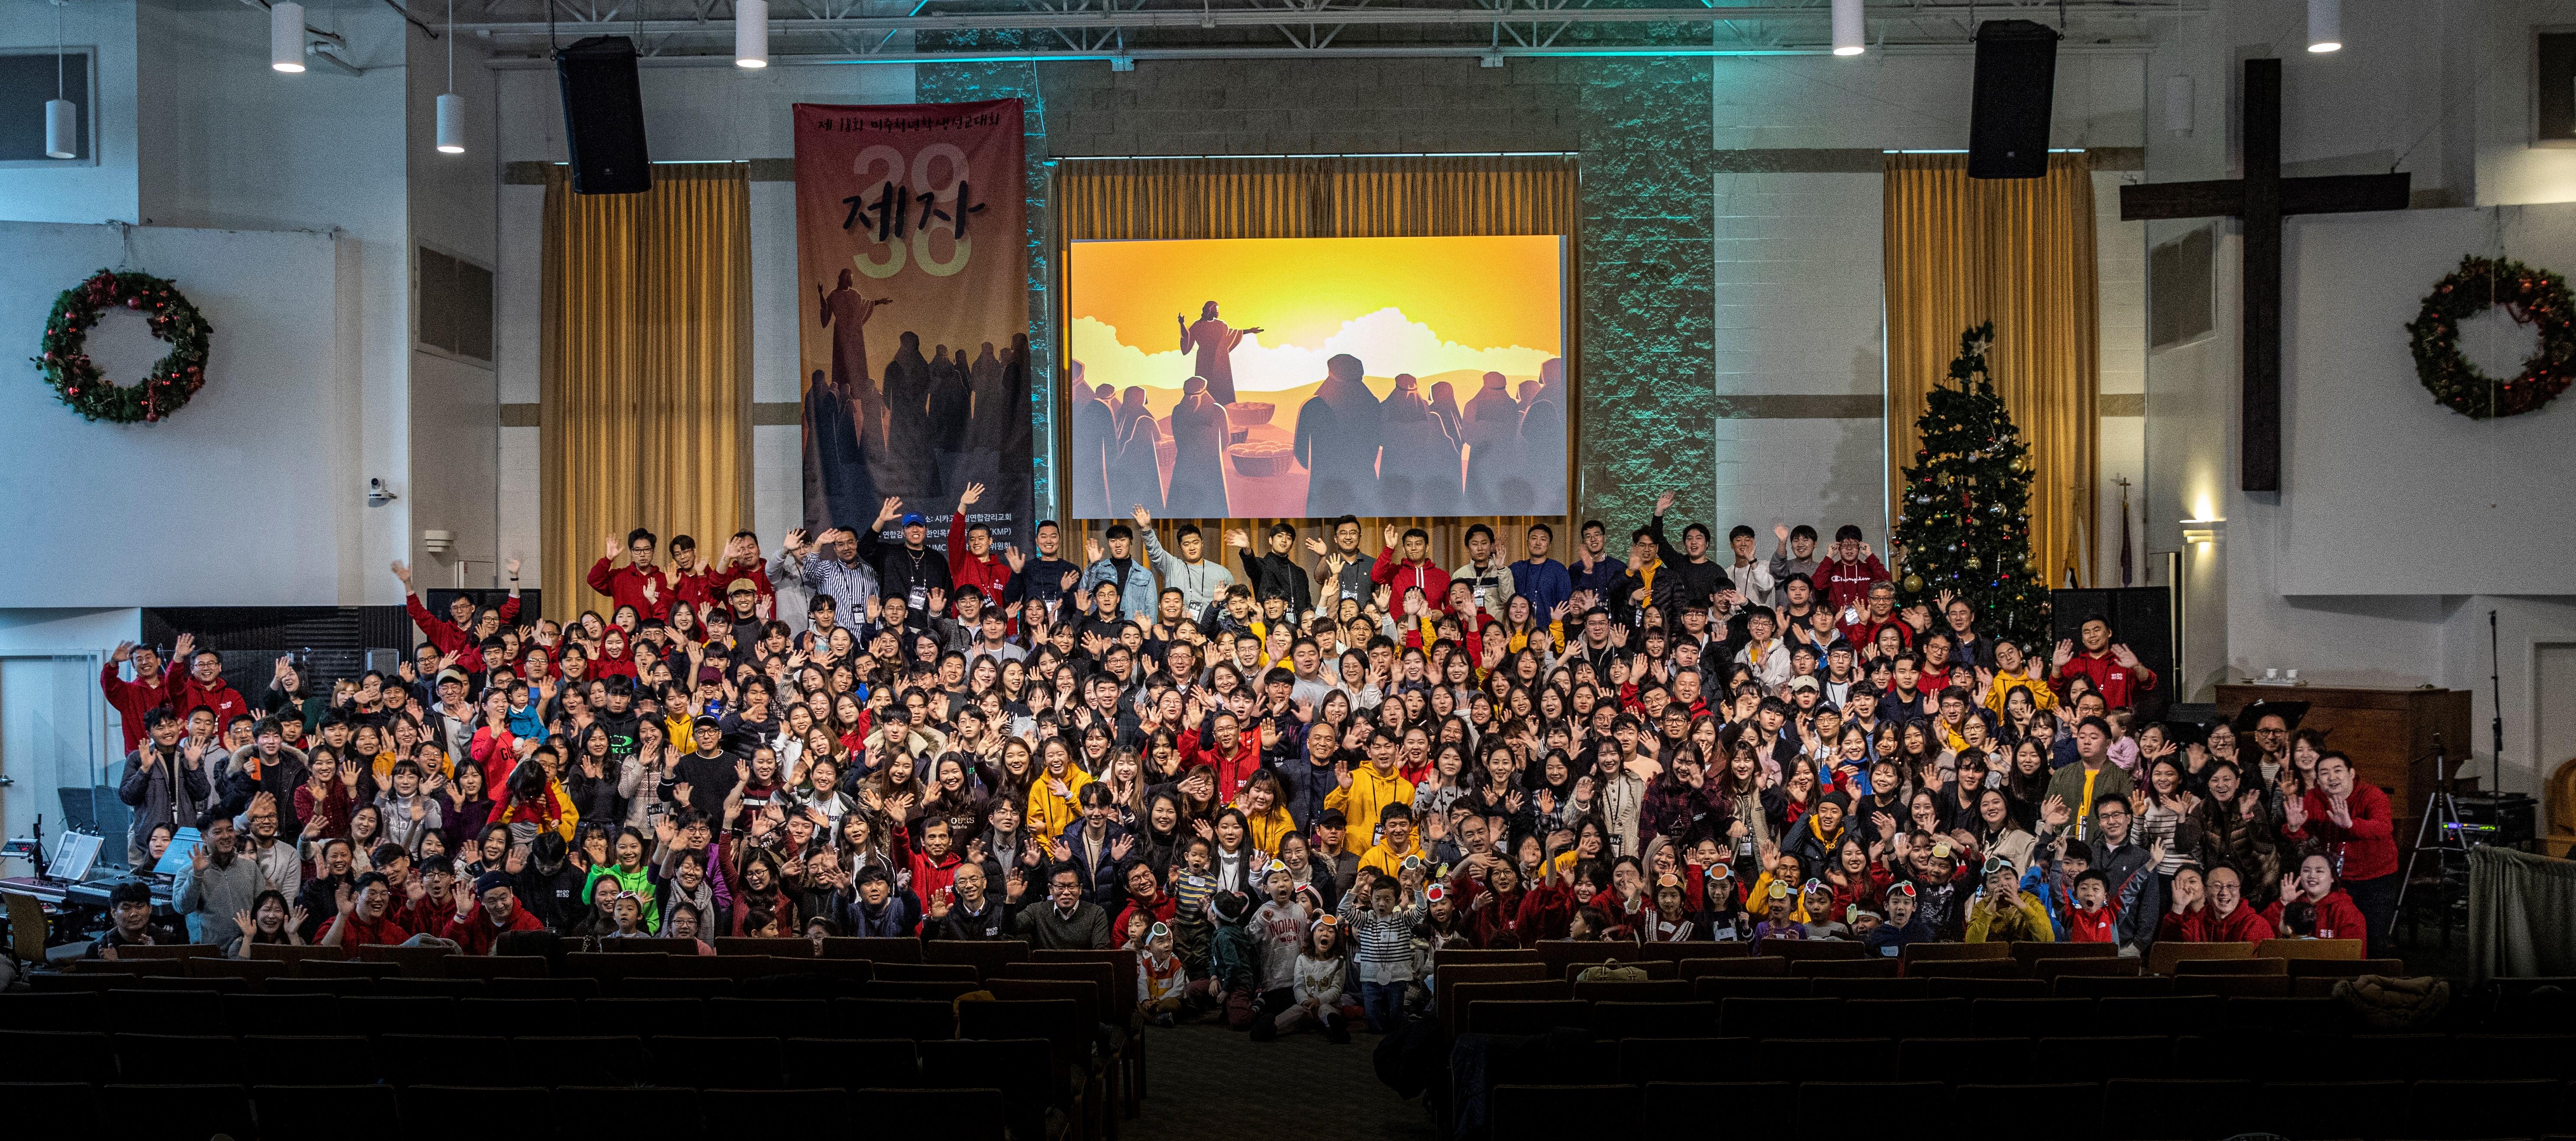 지난해 11월 27-30일 시카고에서 열린 2030 컨퍼런스의 참가자들 모습. 사진 제공, 한명훈 목사, 2030 컨퍼런스.